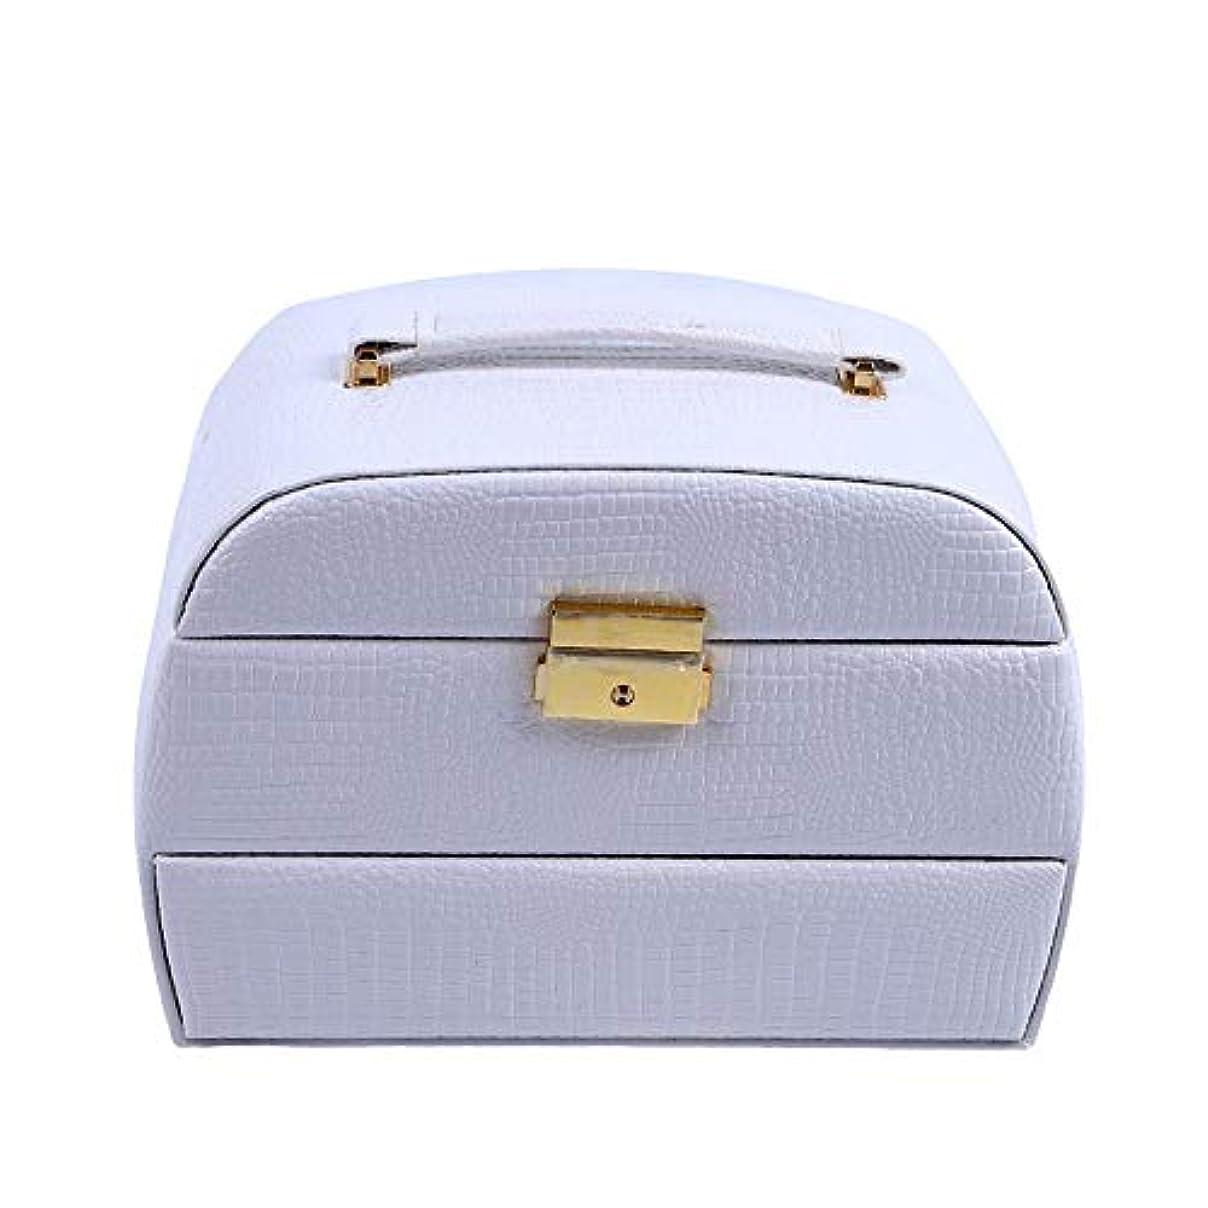 出費エジプト人強調する化粧オーガナイザーバッグ 美容メイクアップのための大容量ポータブル化粧ケース、女性化粧ミラー付きのロック付き女性旅行と毎日の保管 化粧品ケース